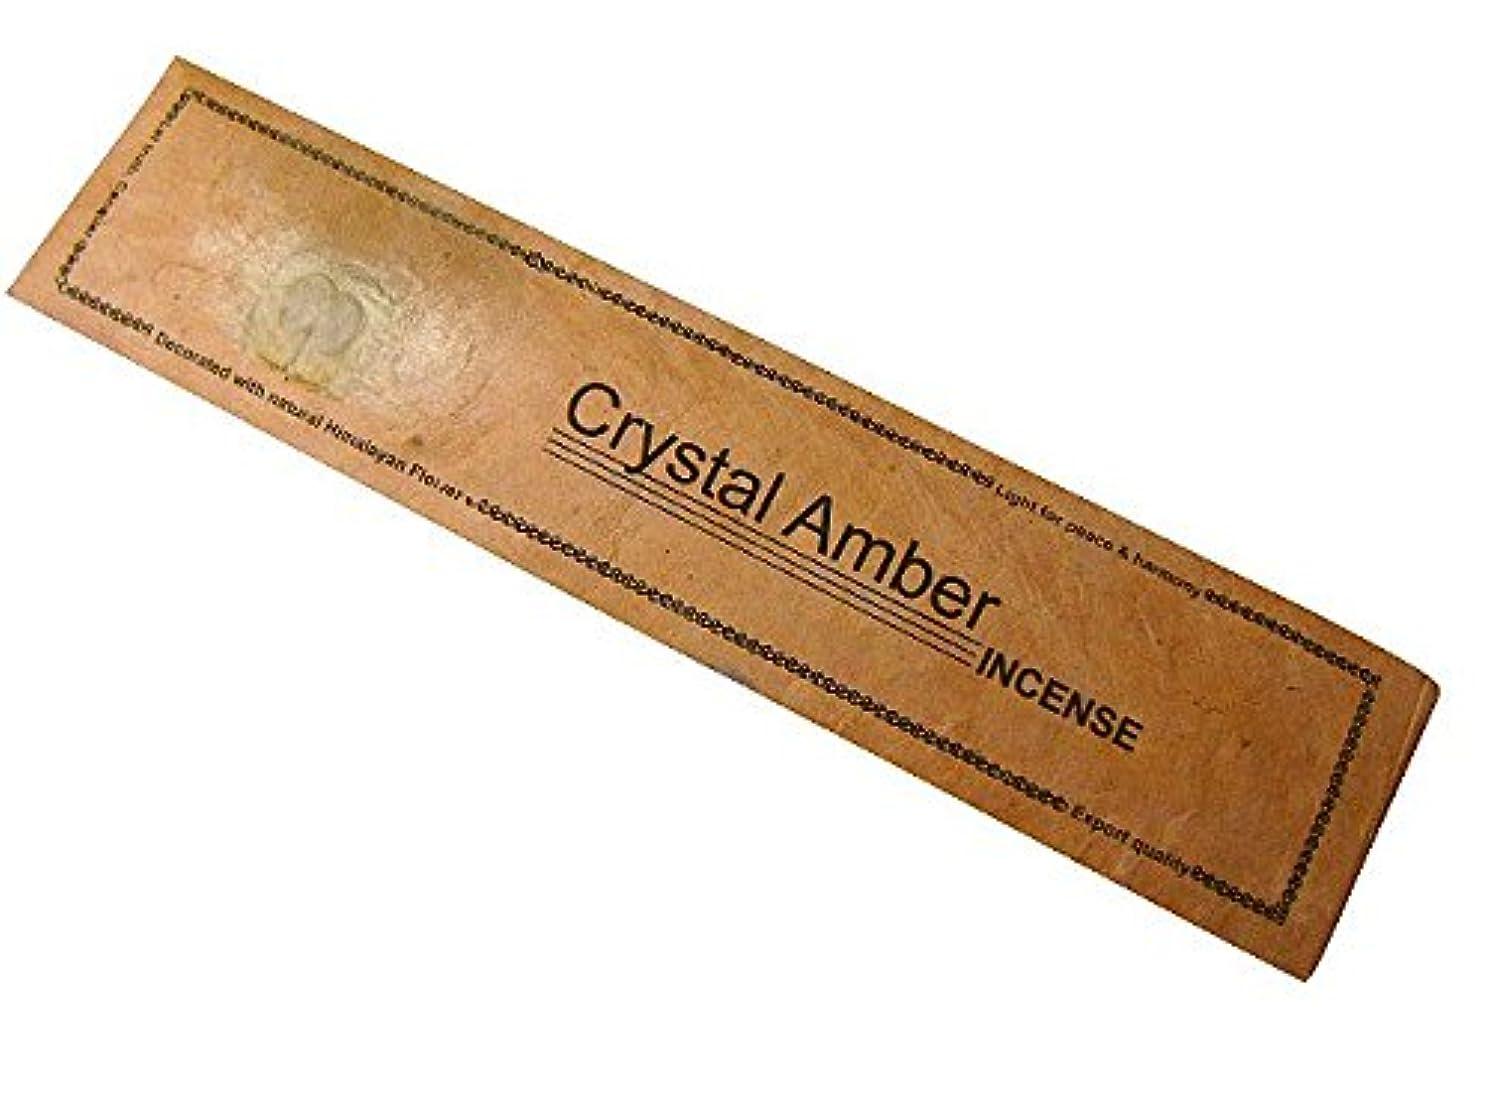 担当者しばしば把握NEPAL INCENSE ネパールのロクタ紙にヒマラヤの押し花のお香【CrystalAmberクリスタルアンバー】 スティック